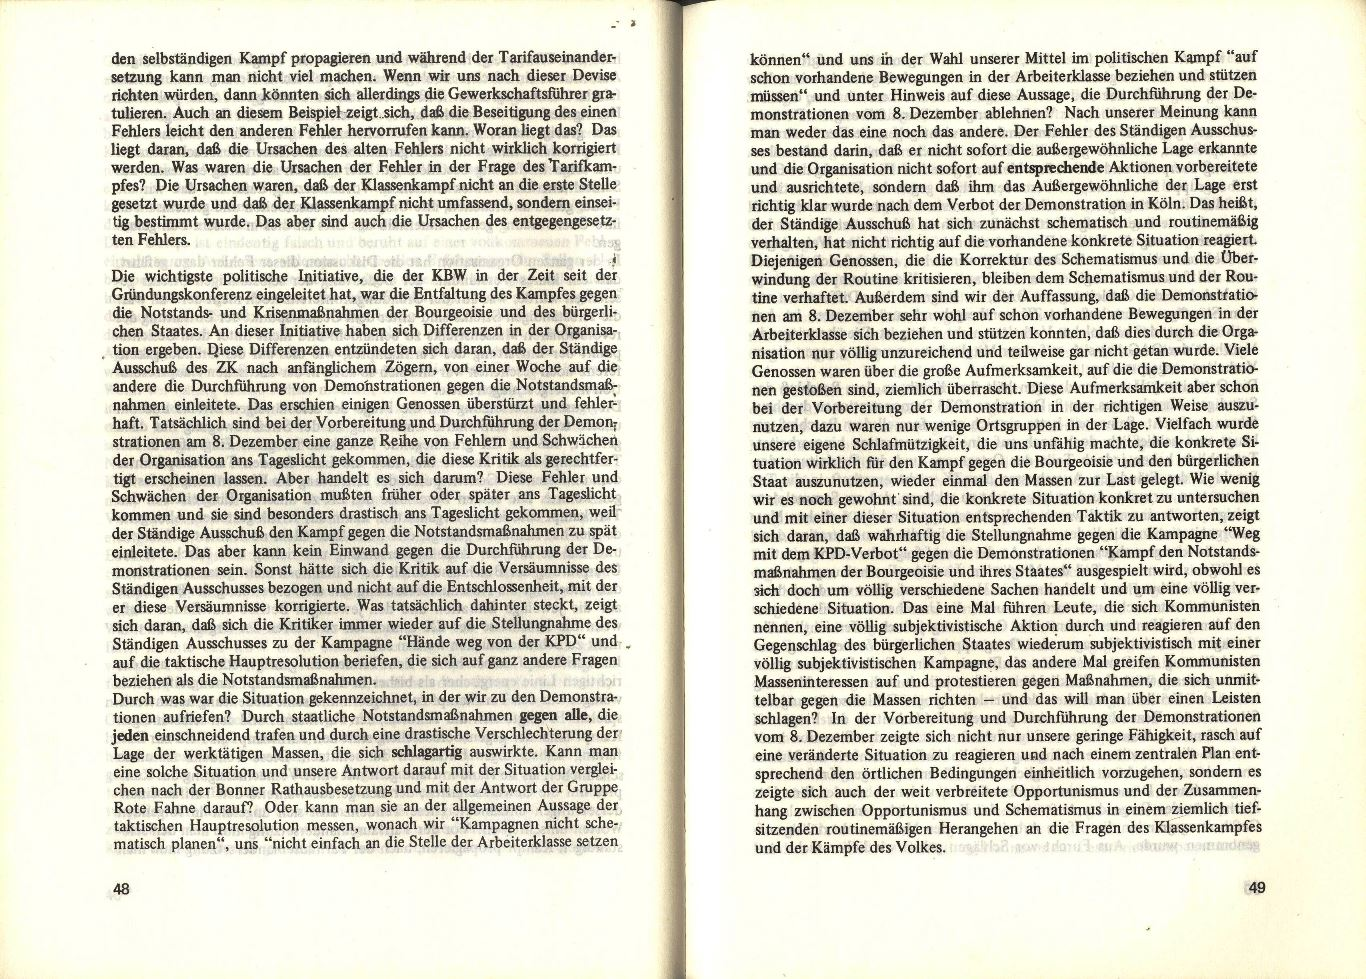 KBW_1974_Politischer_Bericht026